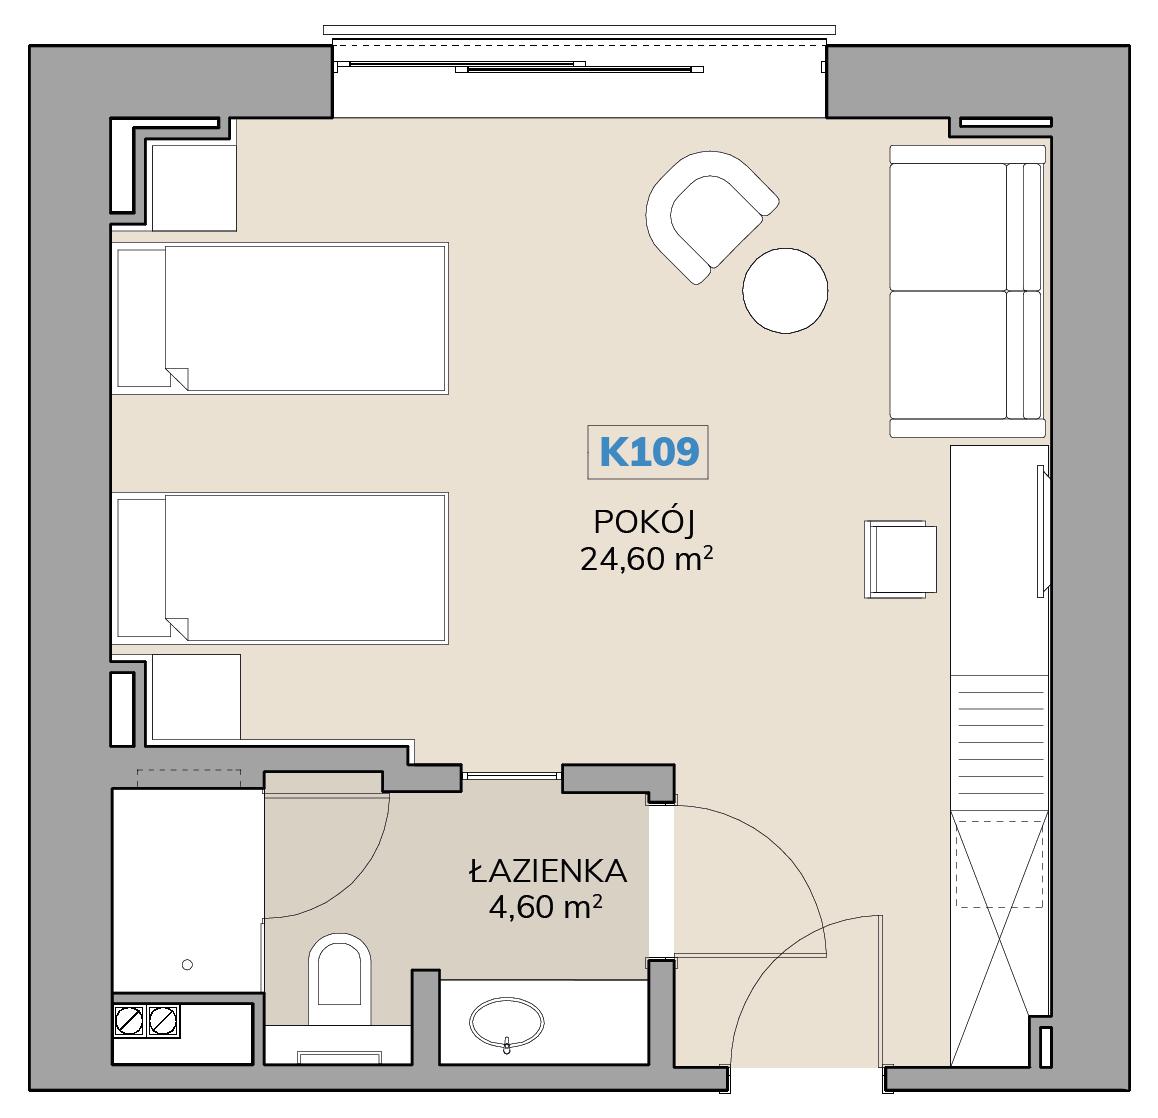 Apartament K109